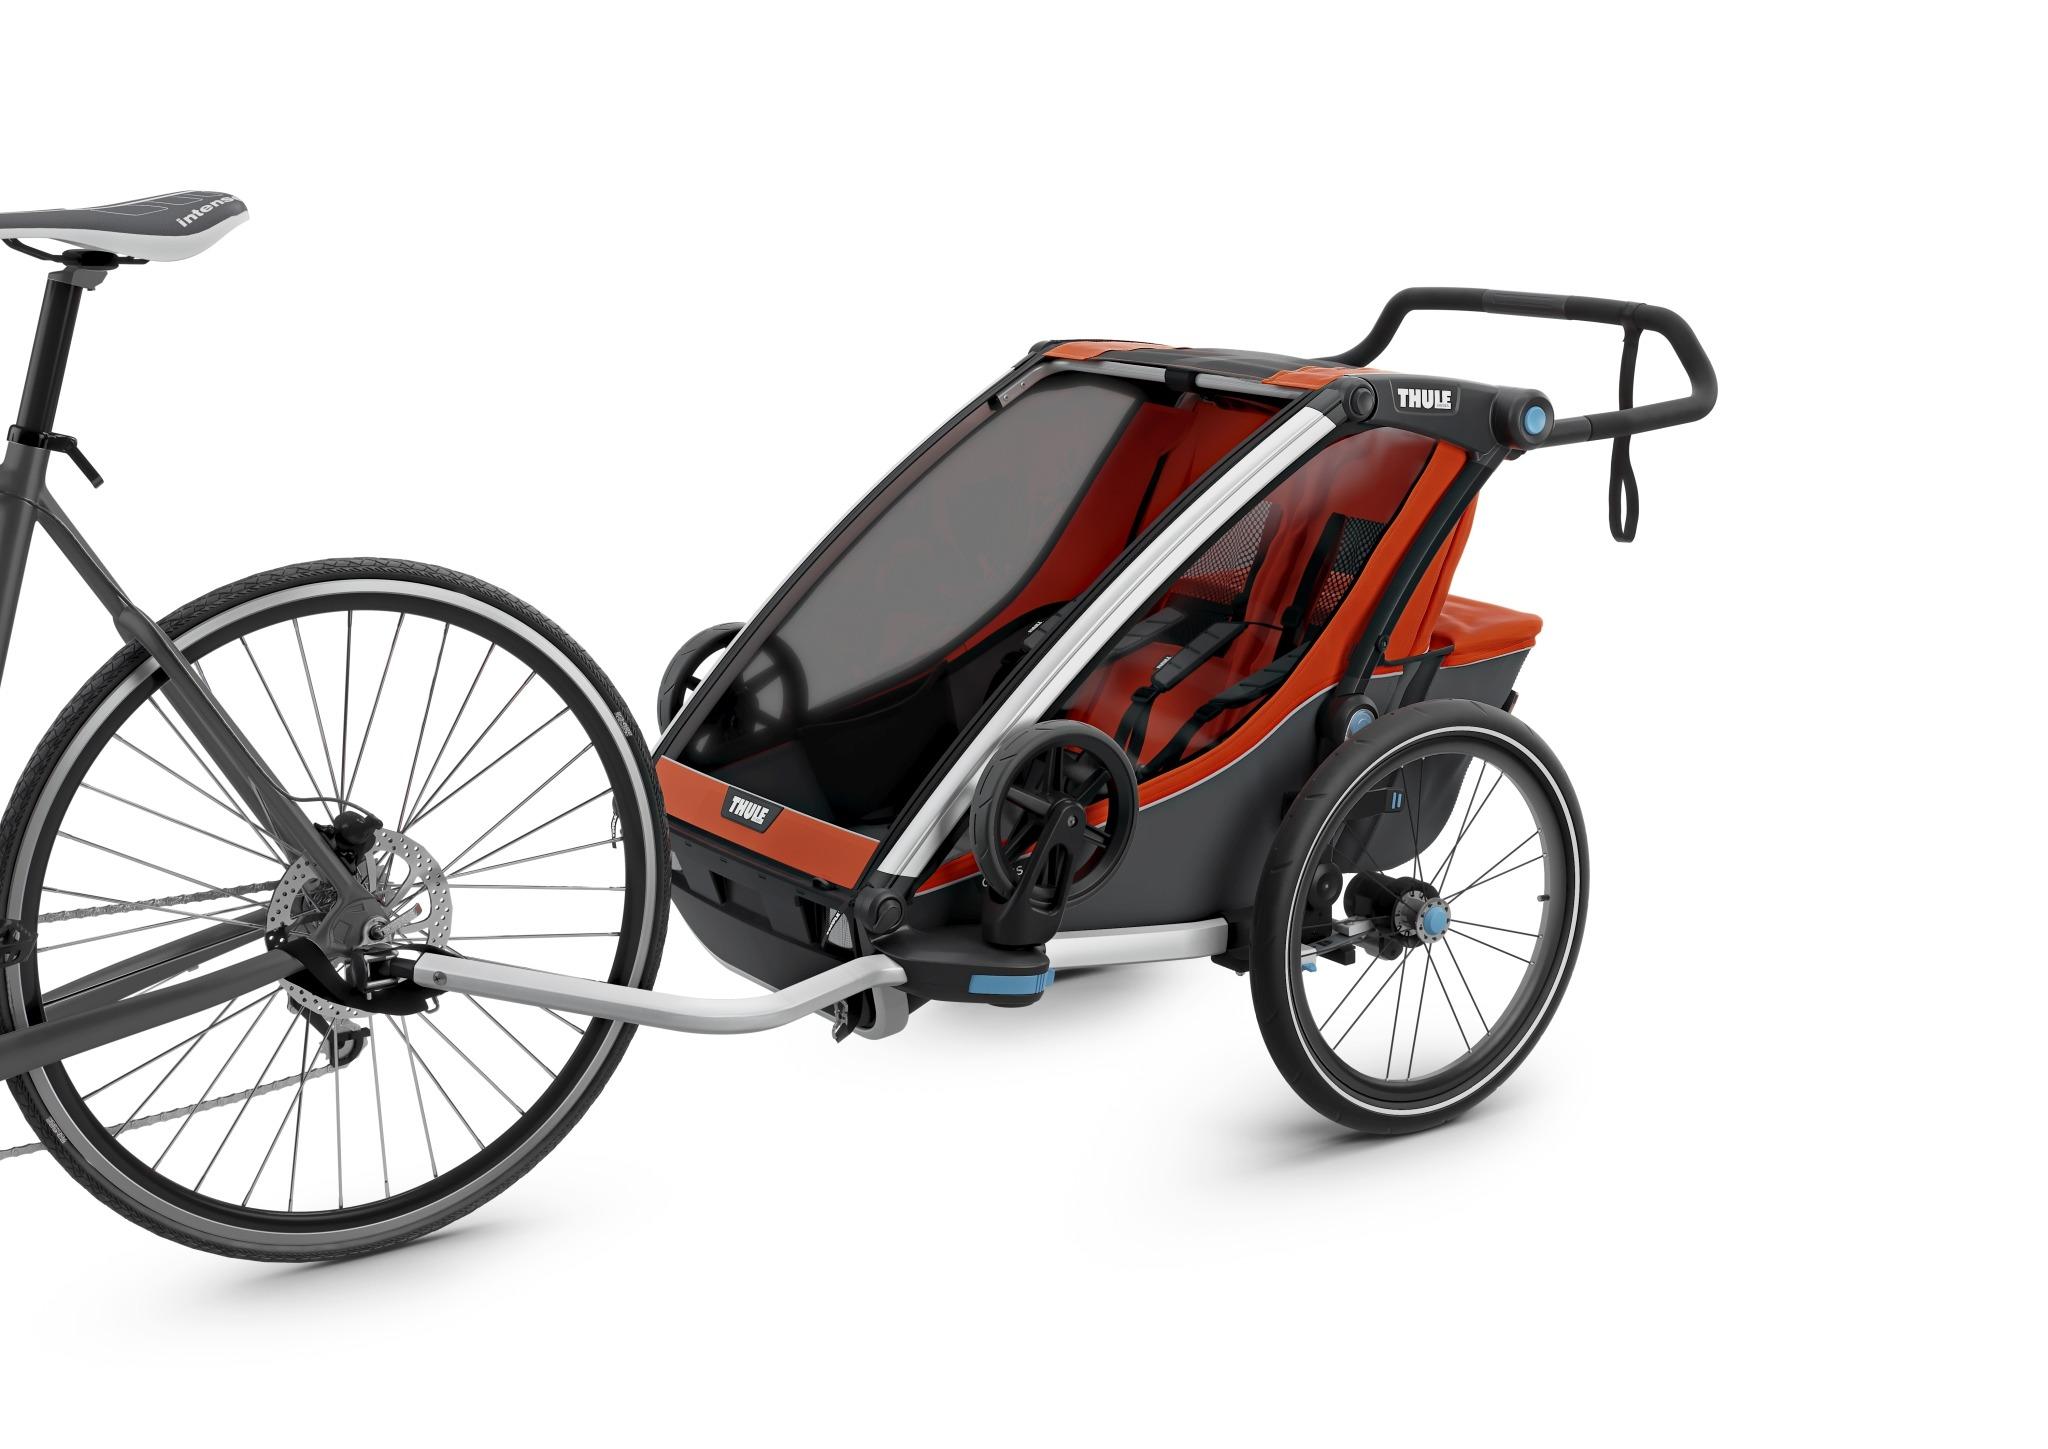 Wózek do biegania, podwójny - THULE Chariot Cross 2 - czerwony/szary